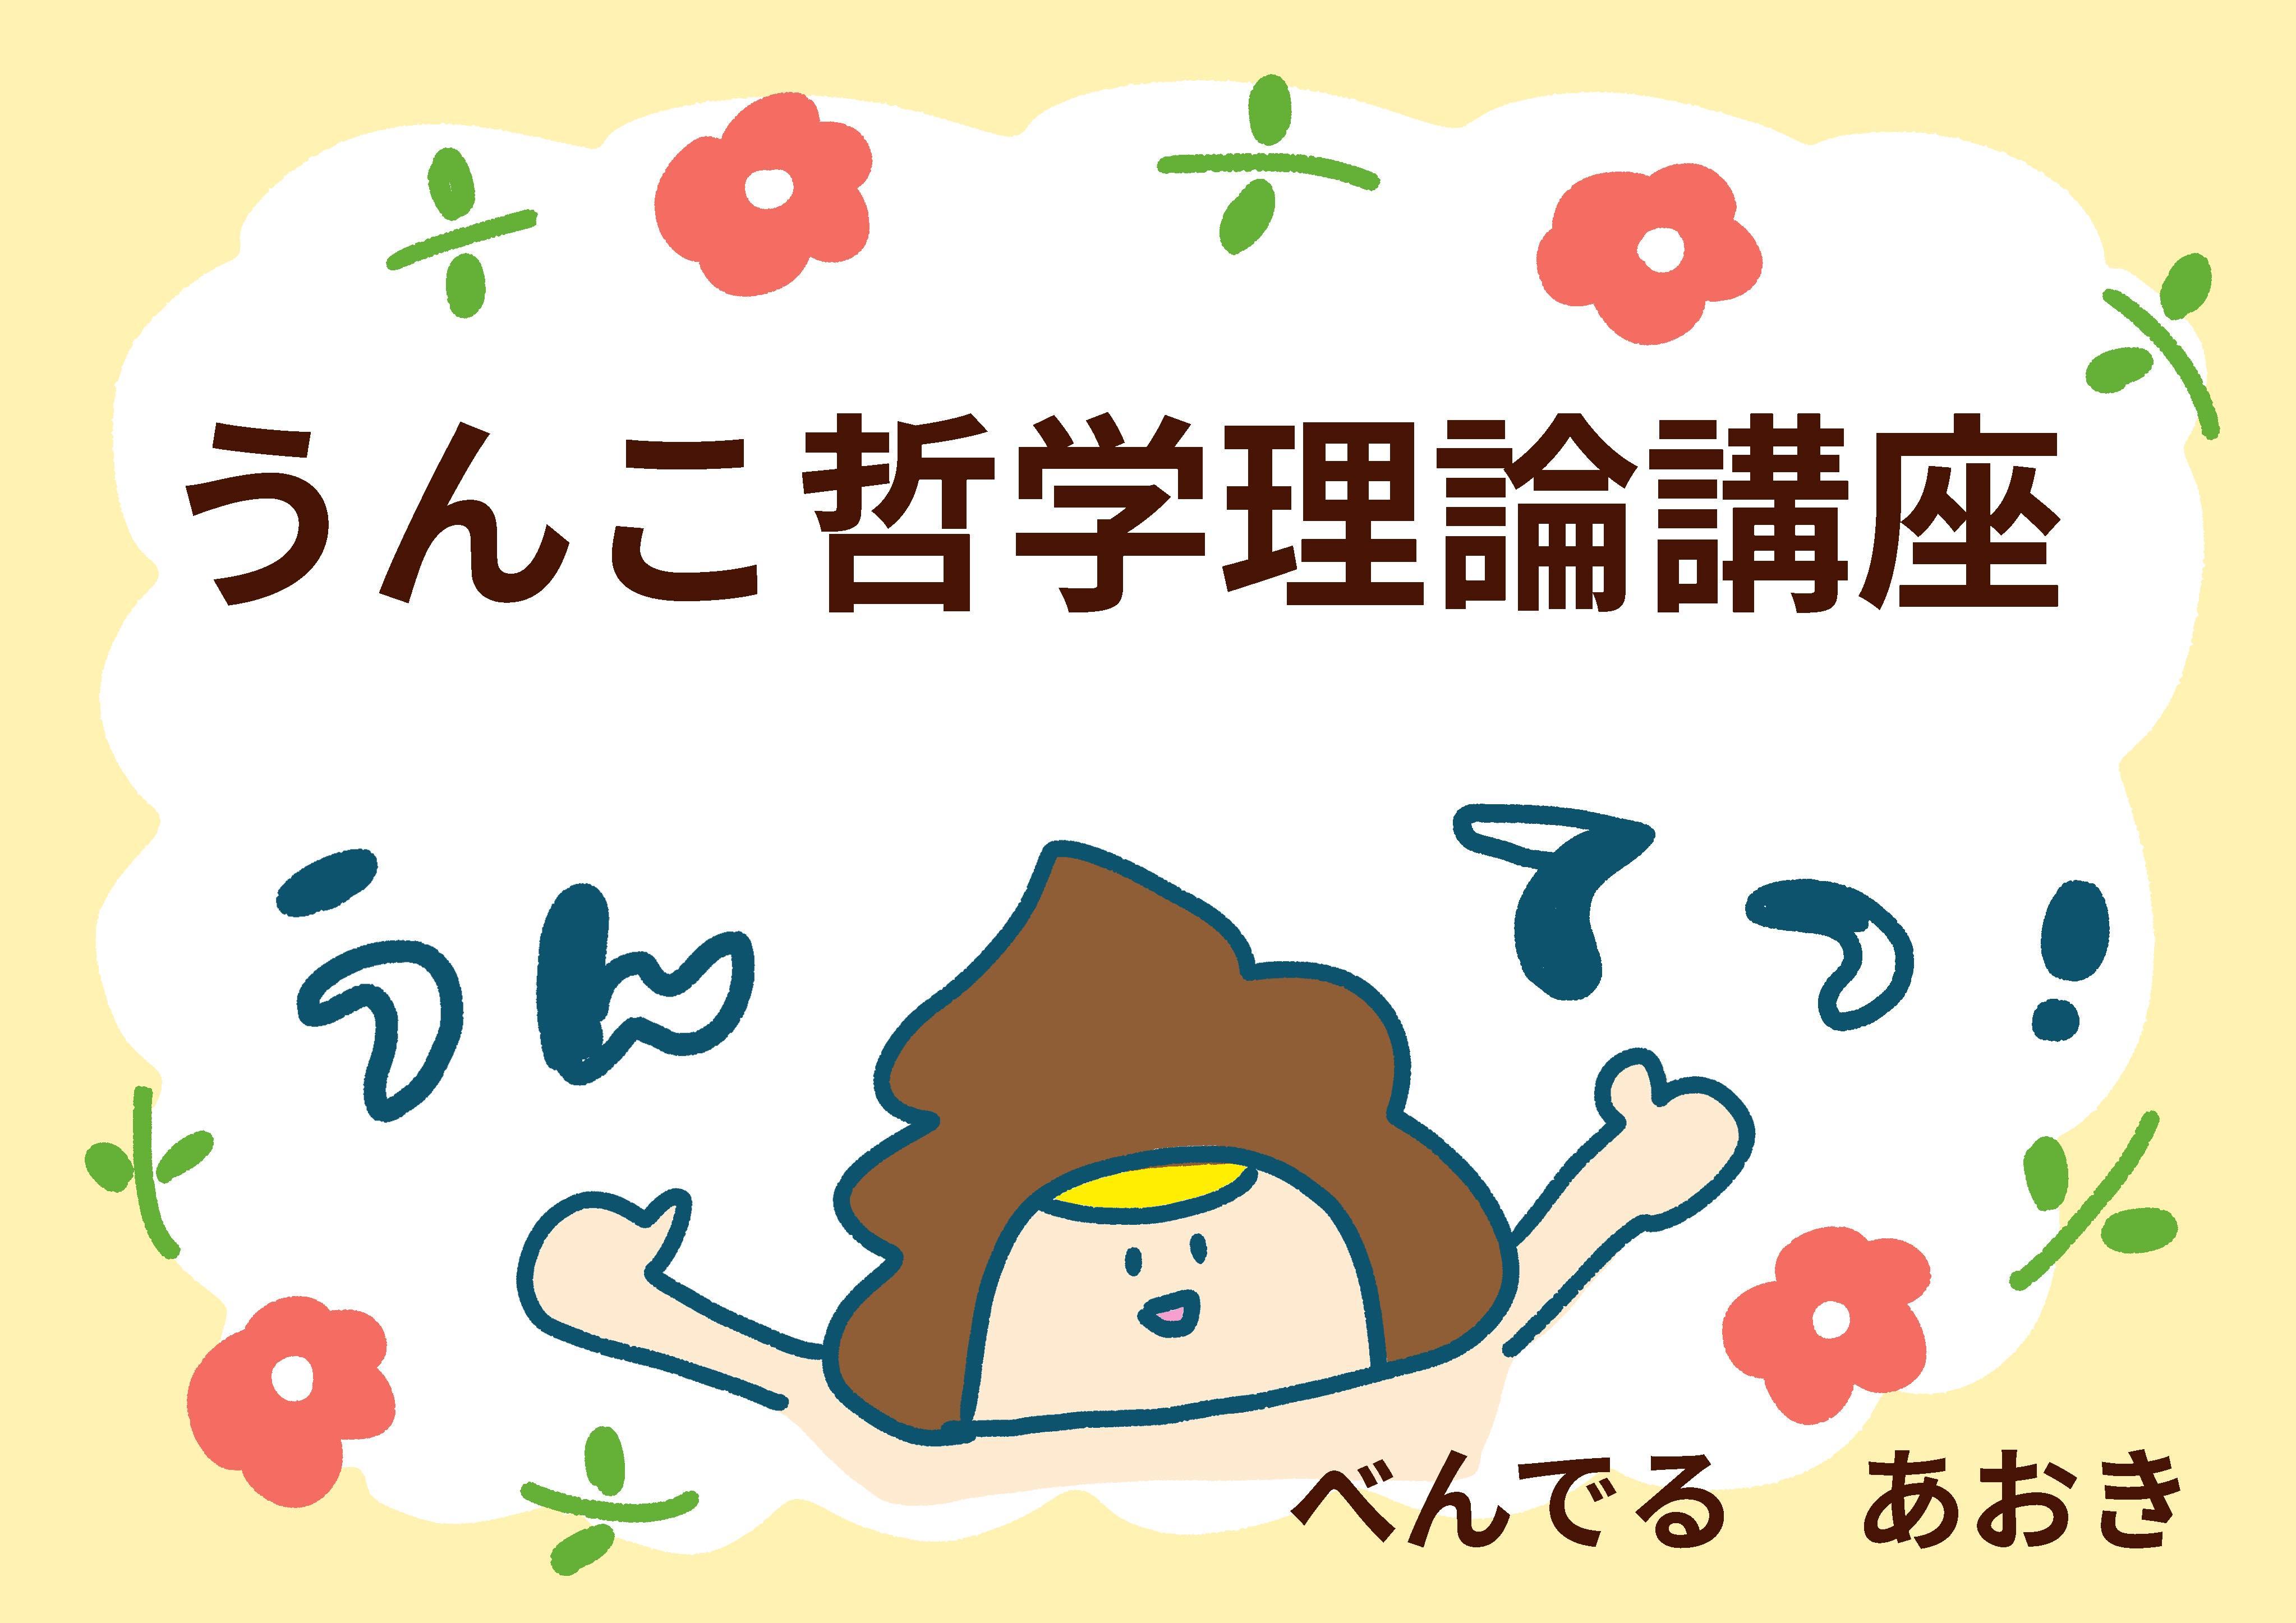 うんこ哲学理論講座9回目〜ともちかっち編〜0810